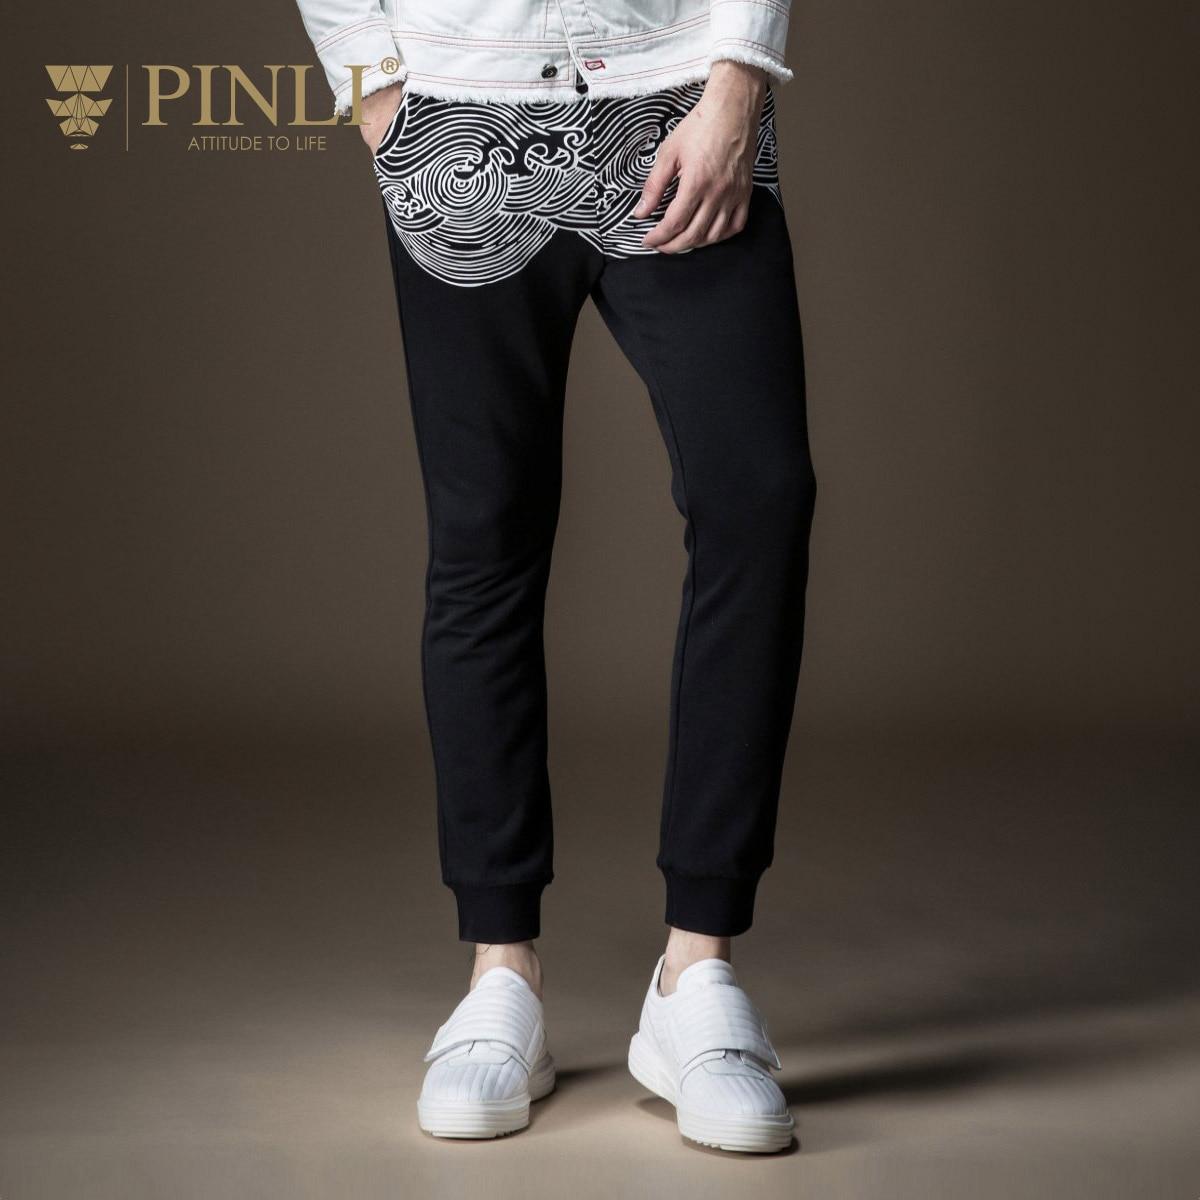 Ehrlich 2019 Jogginghose Pinli Produkt Hergestellt Männliche Kleidung Fußabdrücke Der Neue Fonds Von Herbst Blume Fuß Männer Freizeit Hosen B183317320